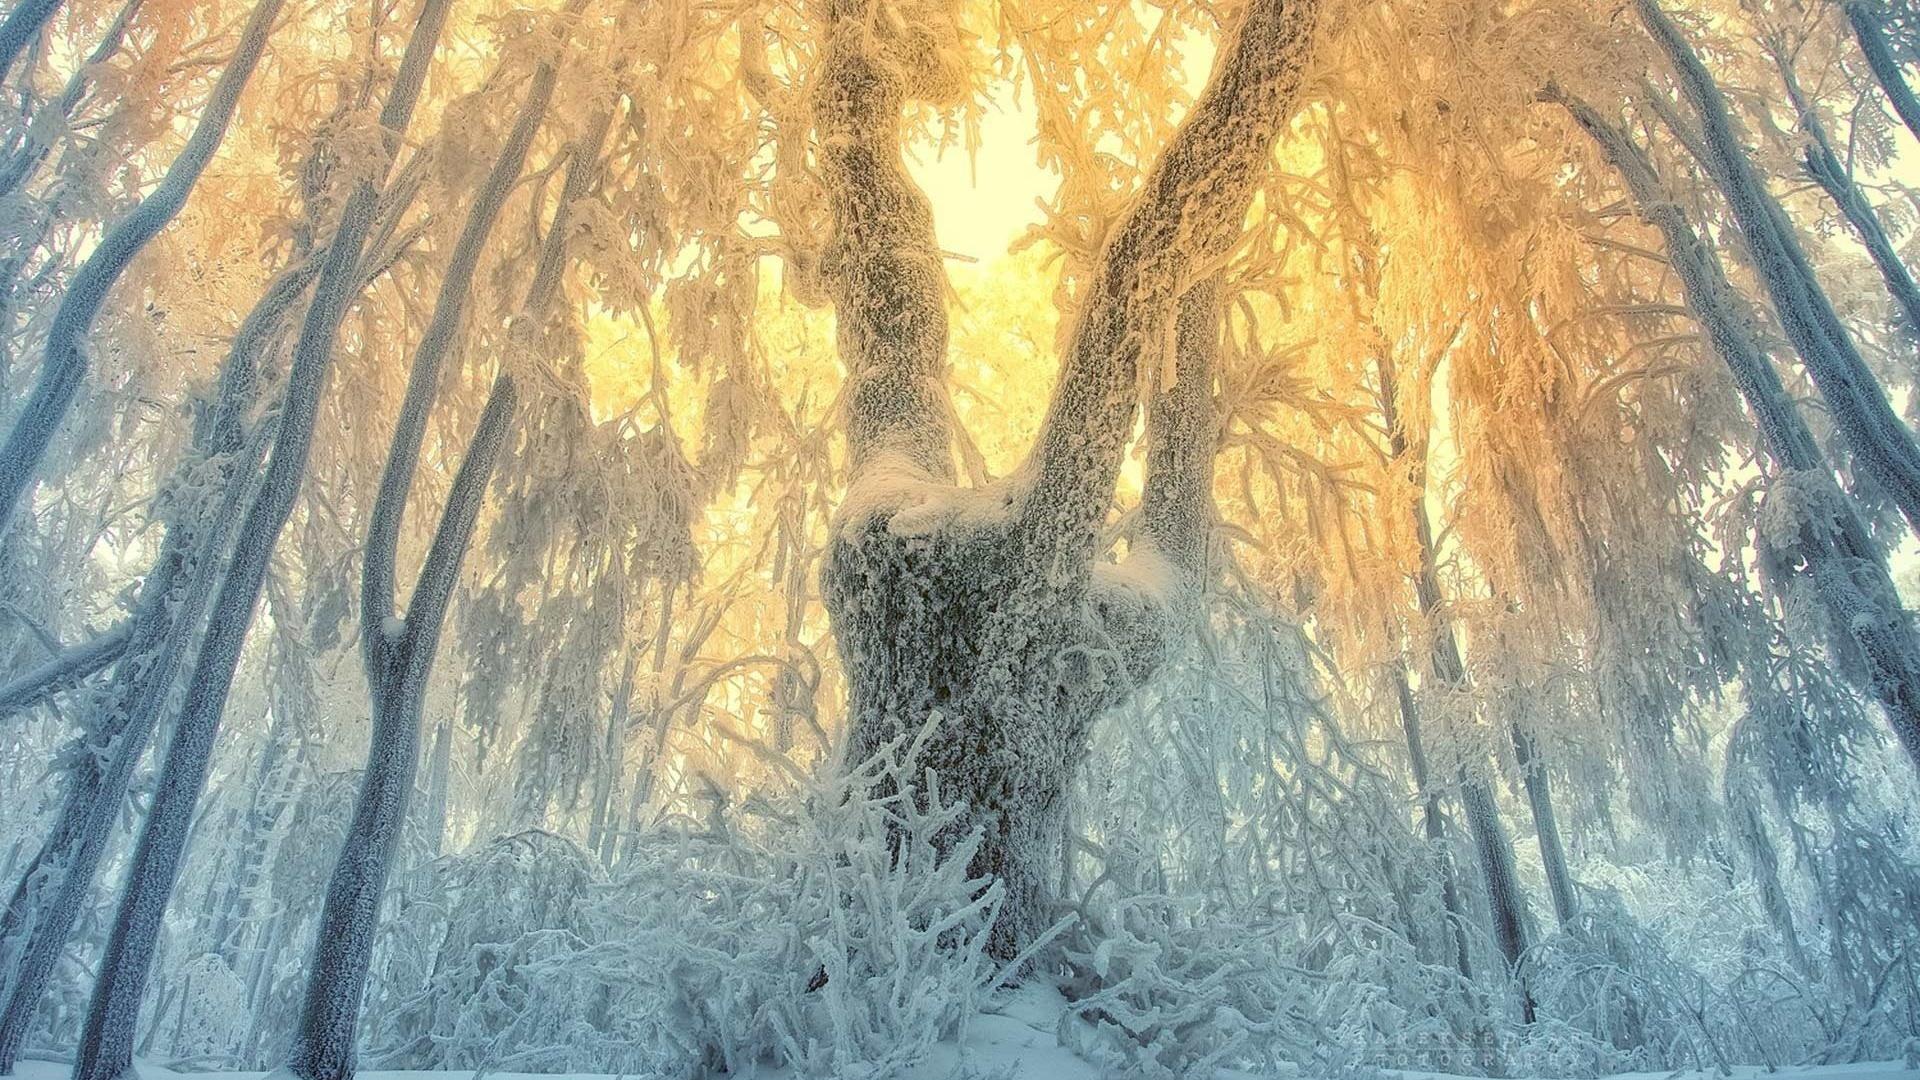 палец таинственная зима картинки первые советские телевизоры